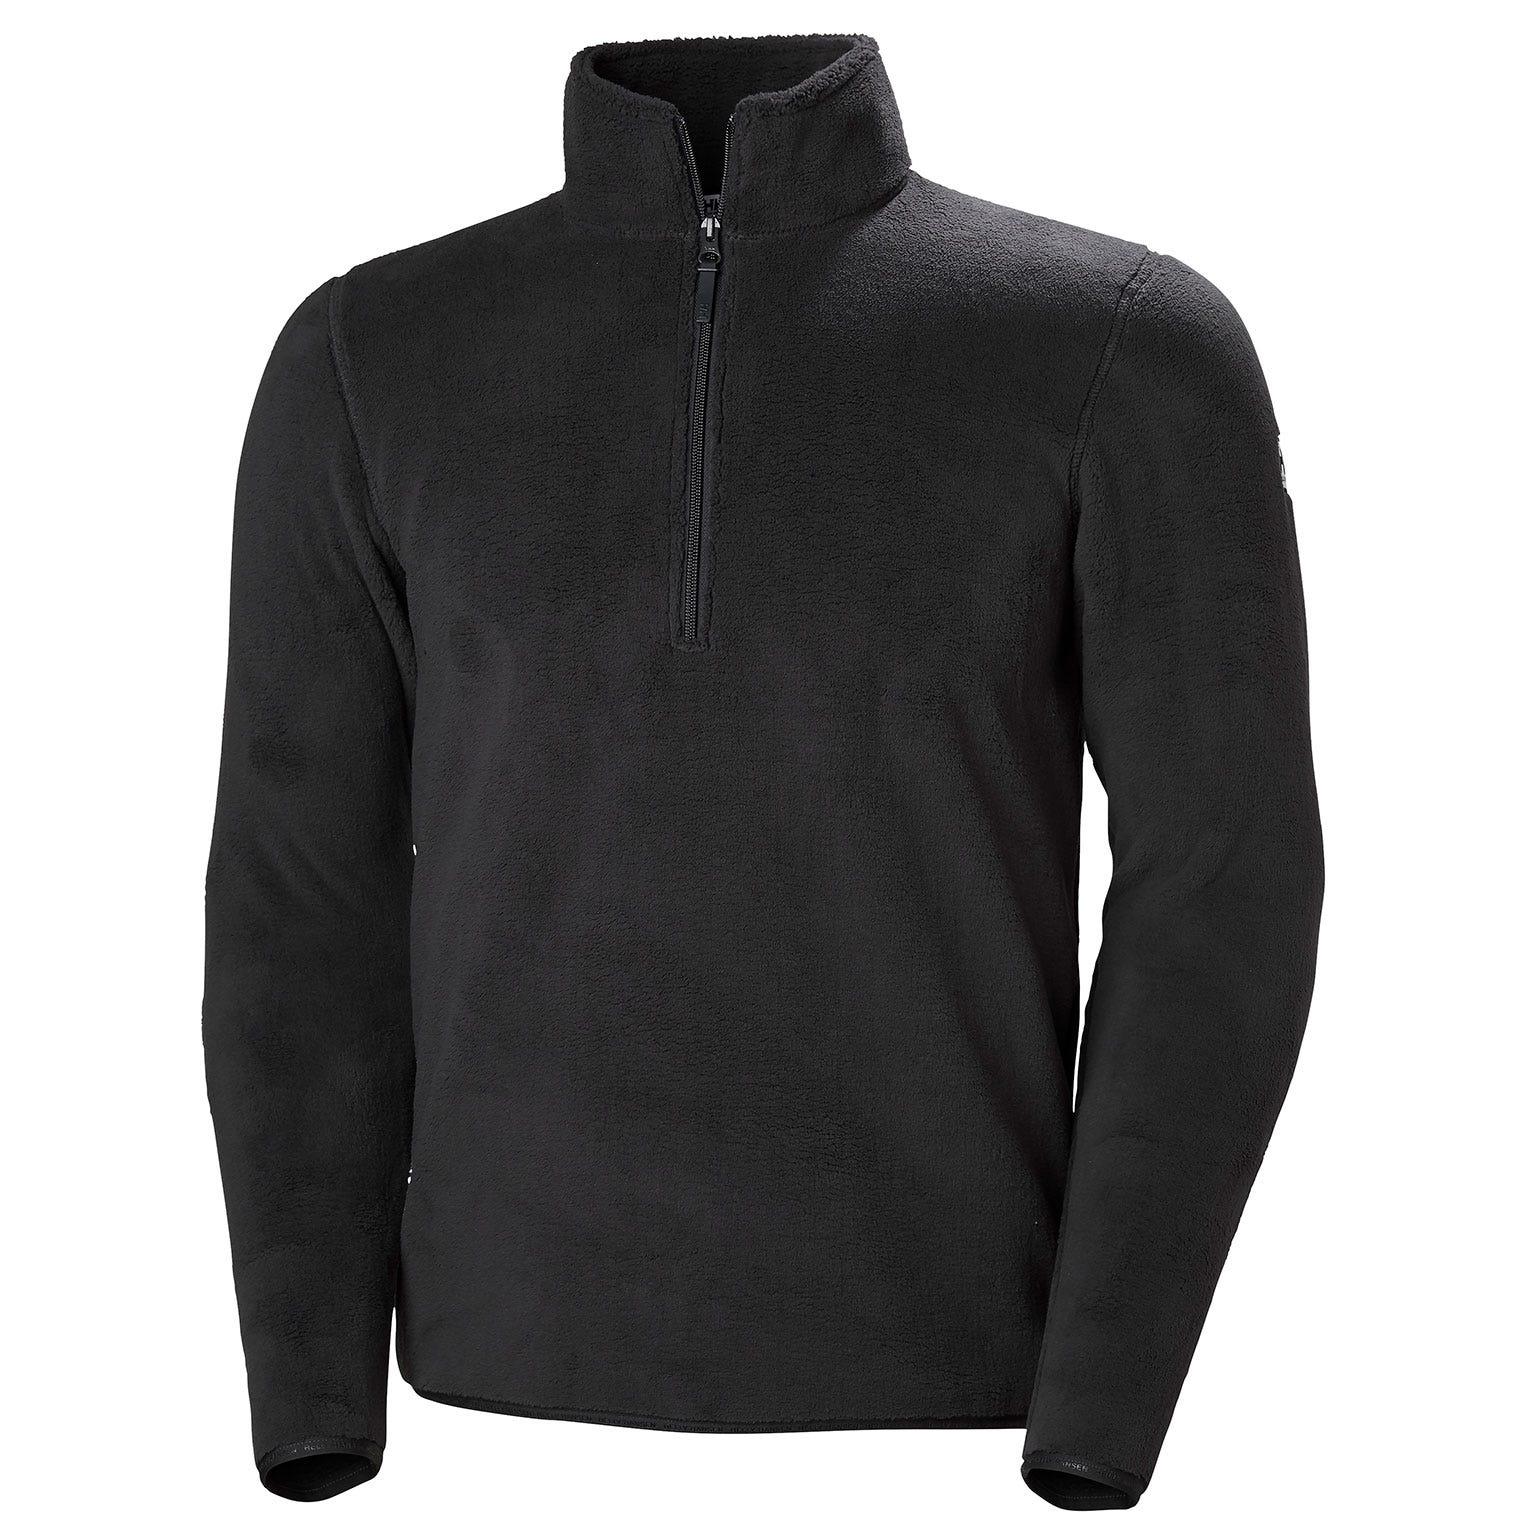 Helly Hansen Feather Pile 3/4 Zip Mens Fleece Black S